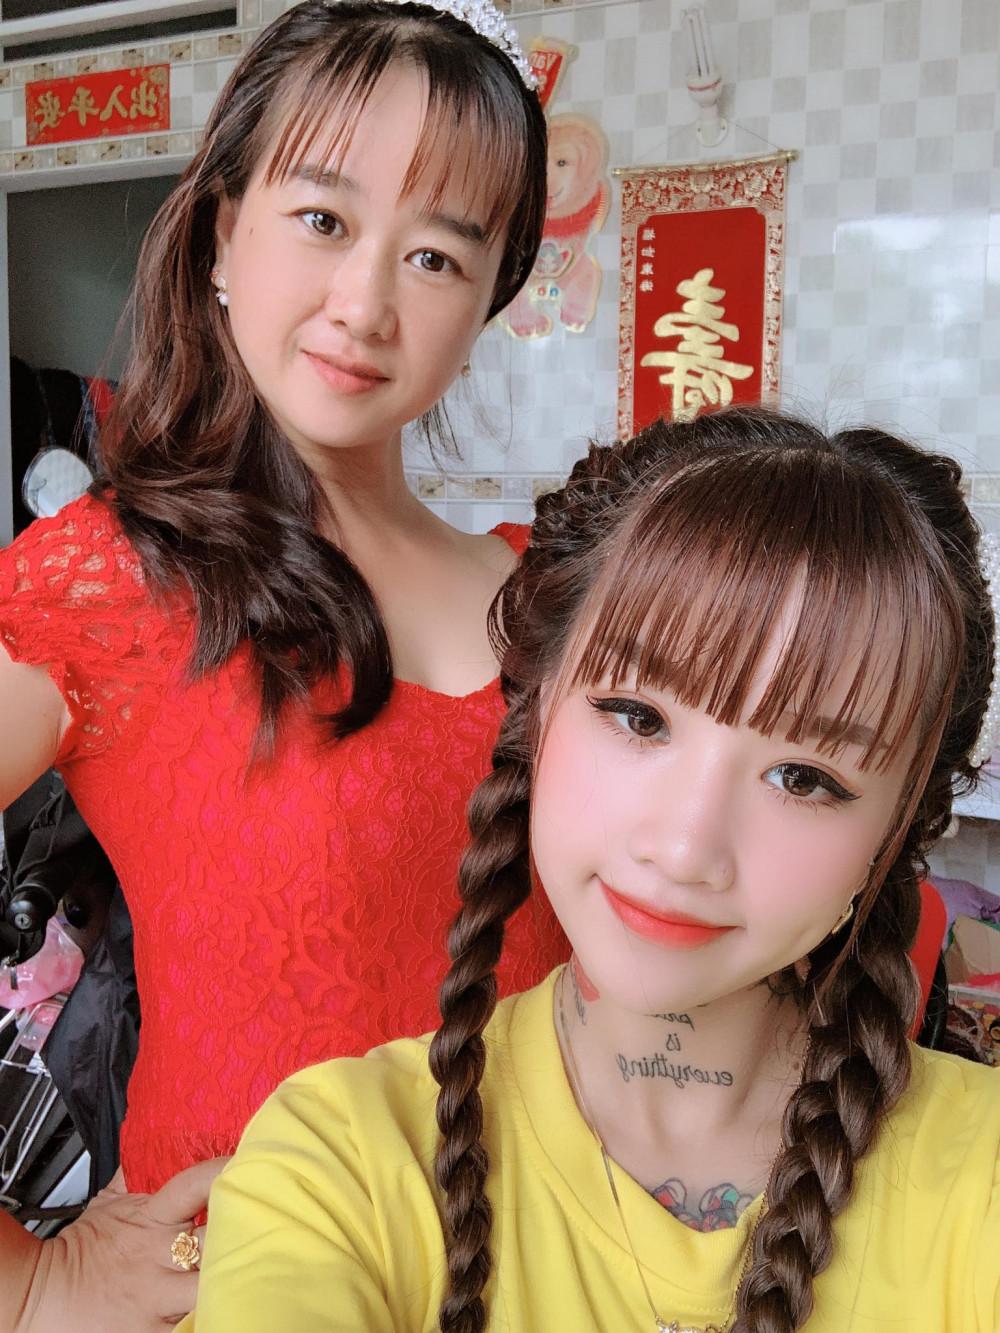 Thiên Hương và mẹ. Cô gái luôn được gia đình yêu thương và bảo vệ khi bị người ta bàn tán.